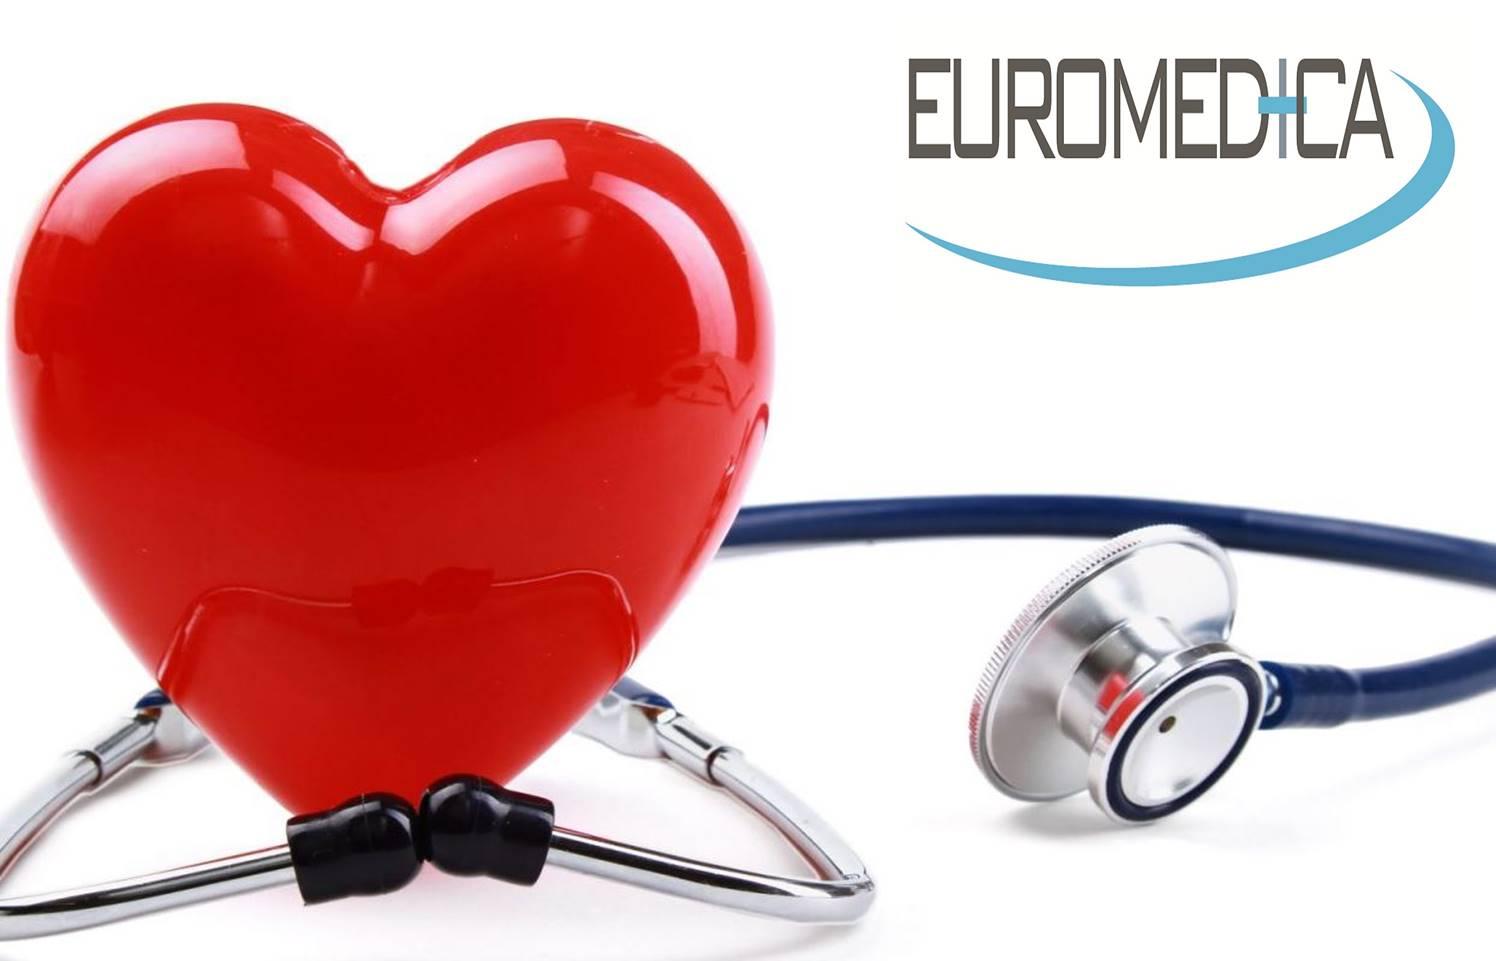 40€ από 115€ για πλήρη καρδιολογικό έλεγχο (Ηλεκτροκαρδιογράφημα, Triplex καρδιάς, εξέταση από καρδιολόγο) στην EUROMEDICA σε Κηφισιά-Χαλάνδρι-Γαλάτσι-Αγία Παρασκευή